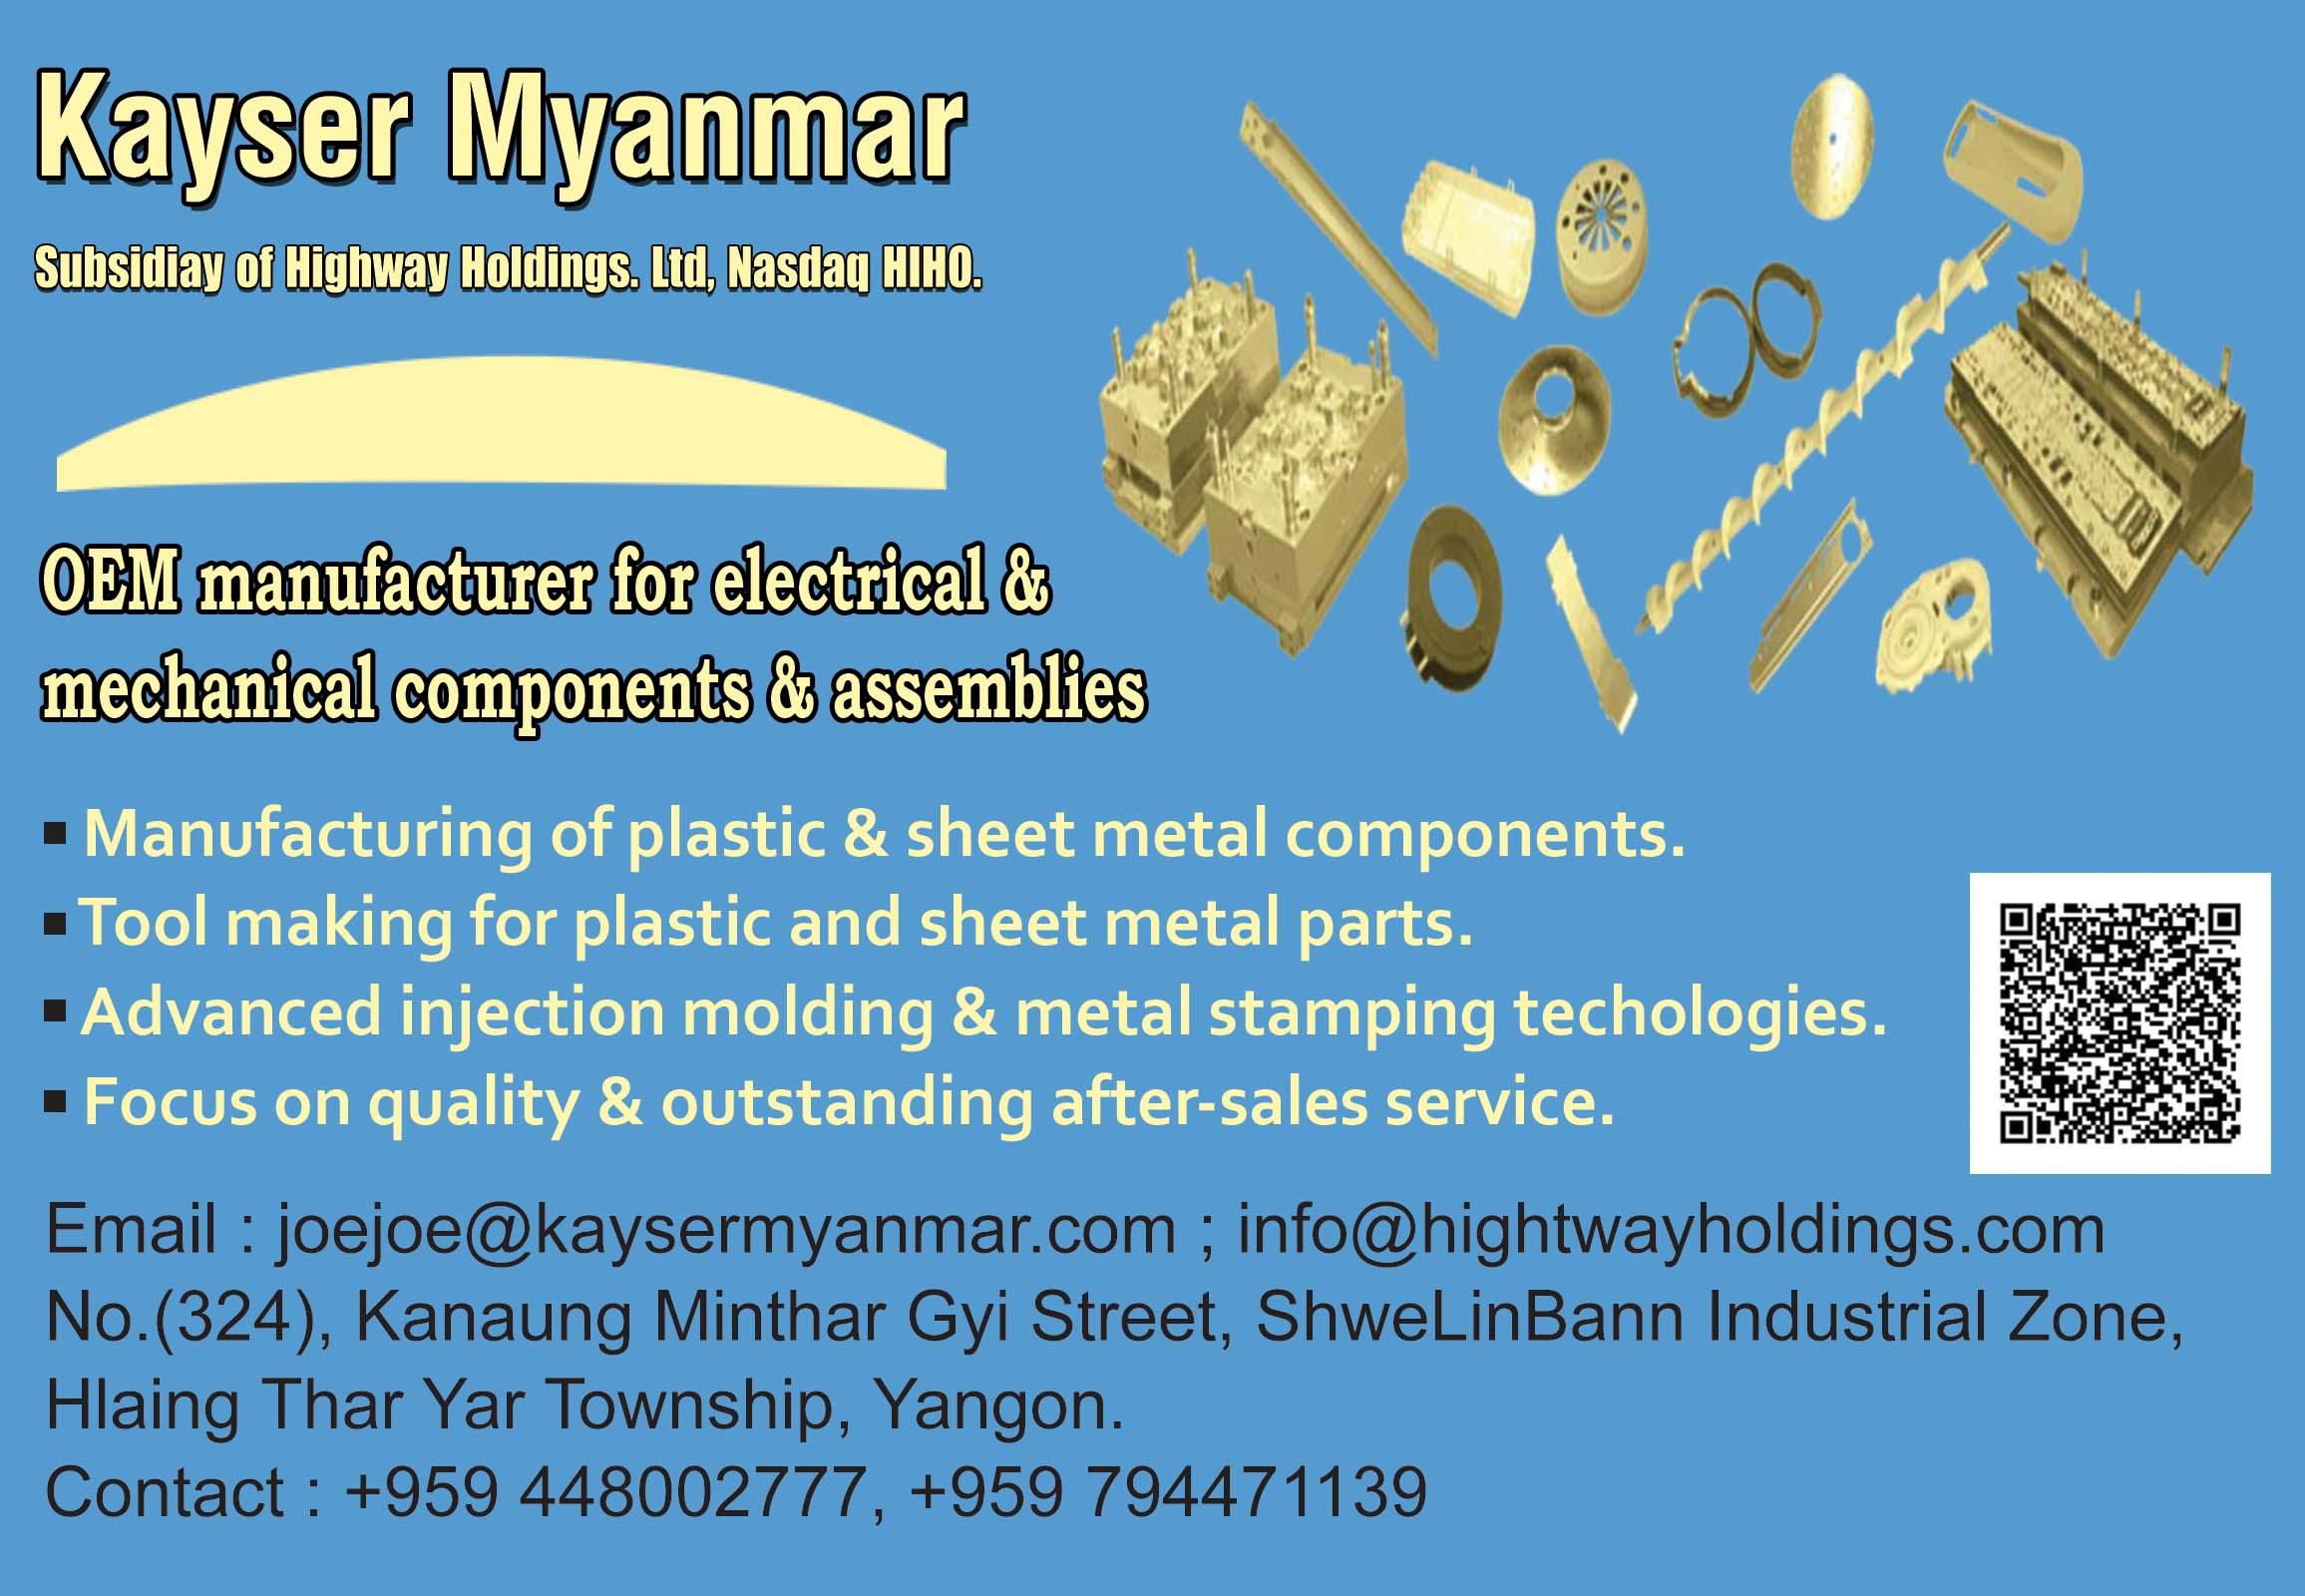 Kayser Myanmar